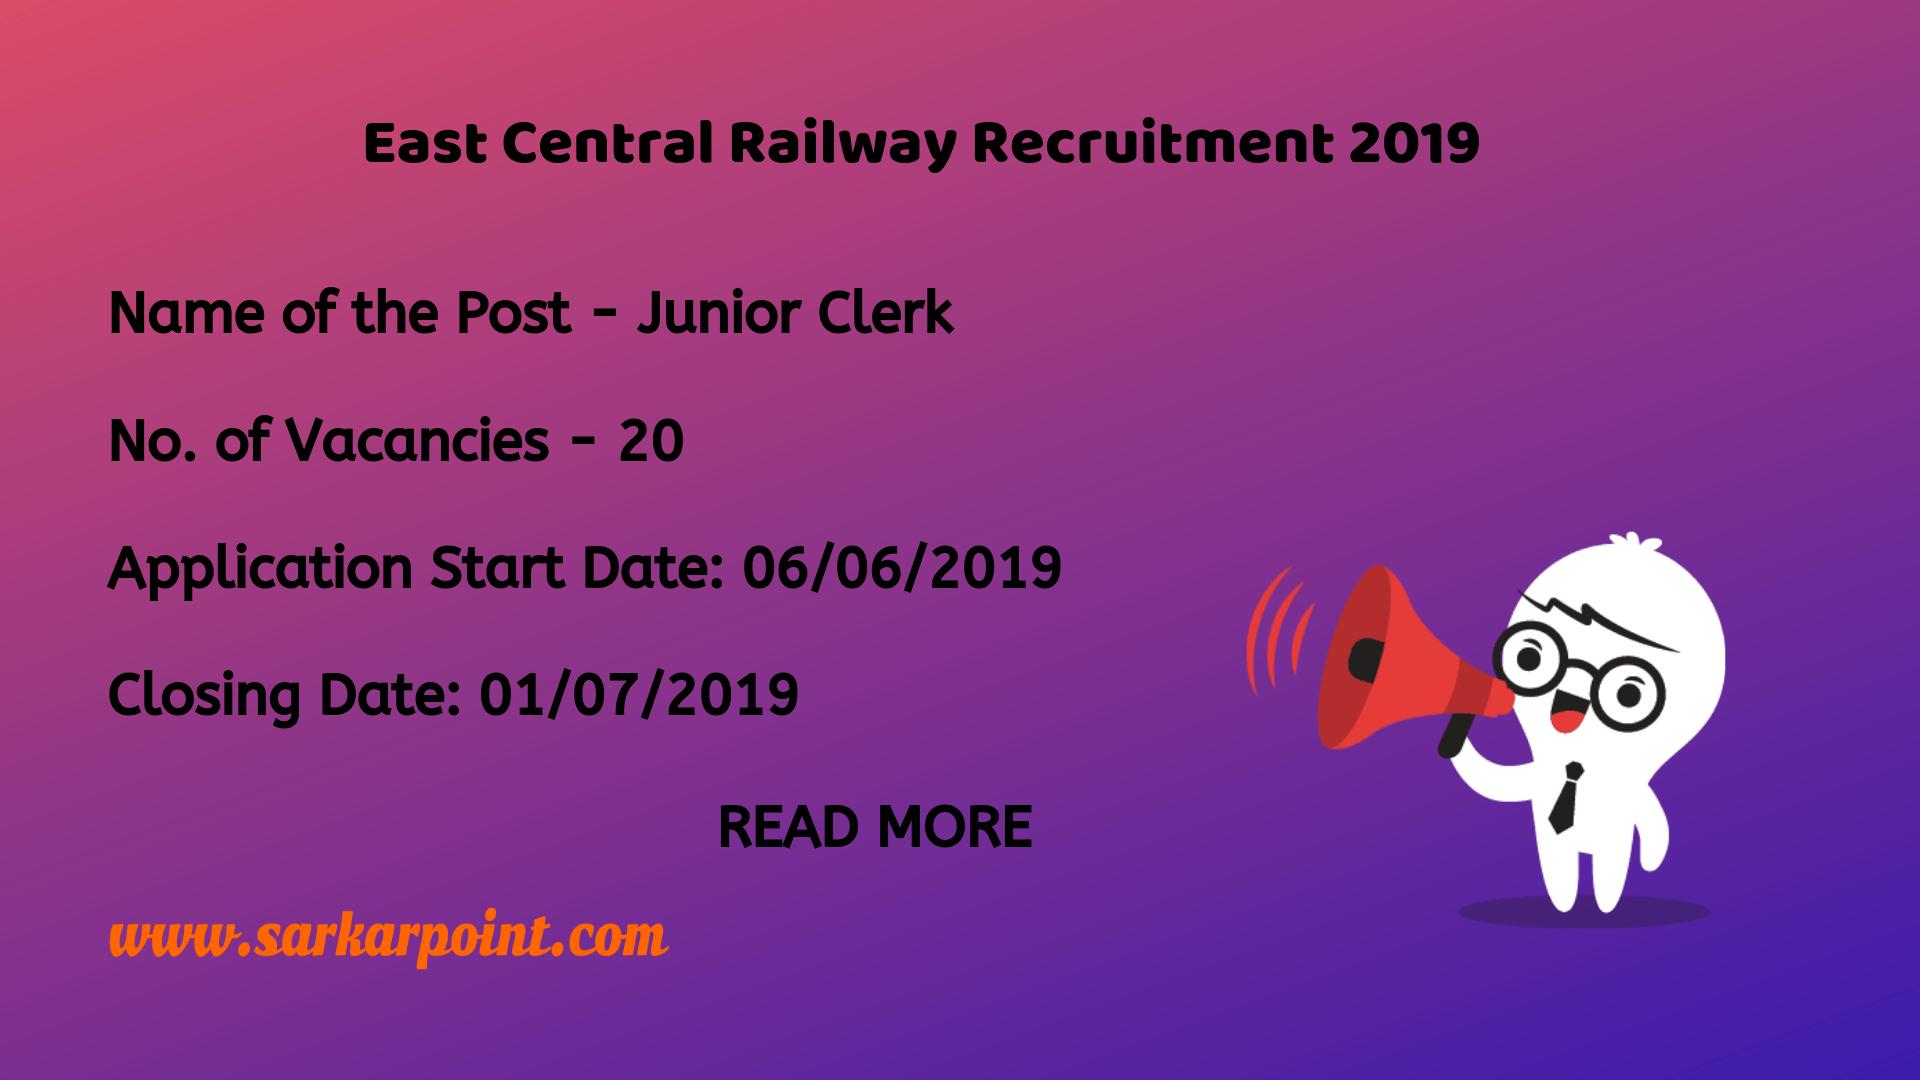 East Central Railway Recruitment 2019 for Junior Clerk